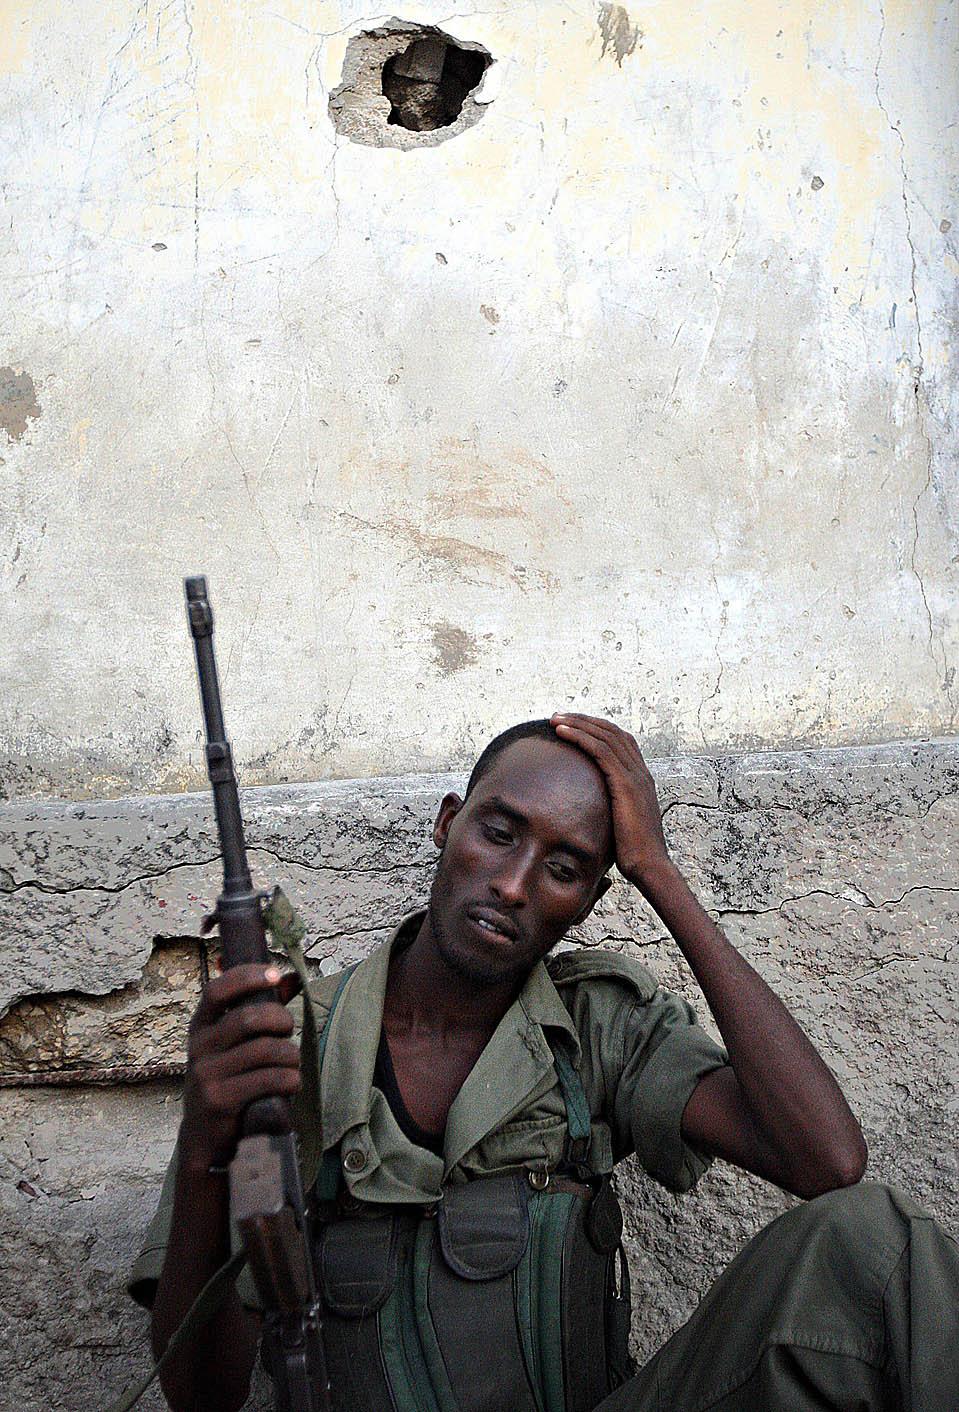 11. Правительственный солдат отдыхает, пока его товарищи участвуют в перестрелке с исламскими боевиками в Могадишо, Сомали. (Mohamed Dahir/Agence France-Presse/Getty Images)